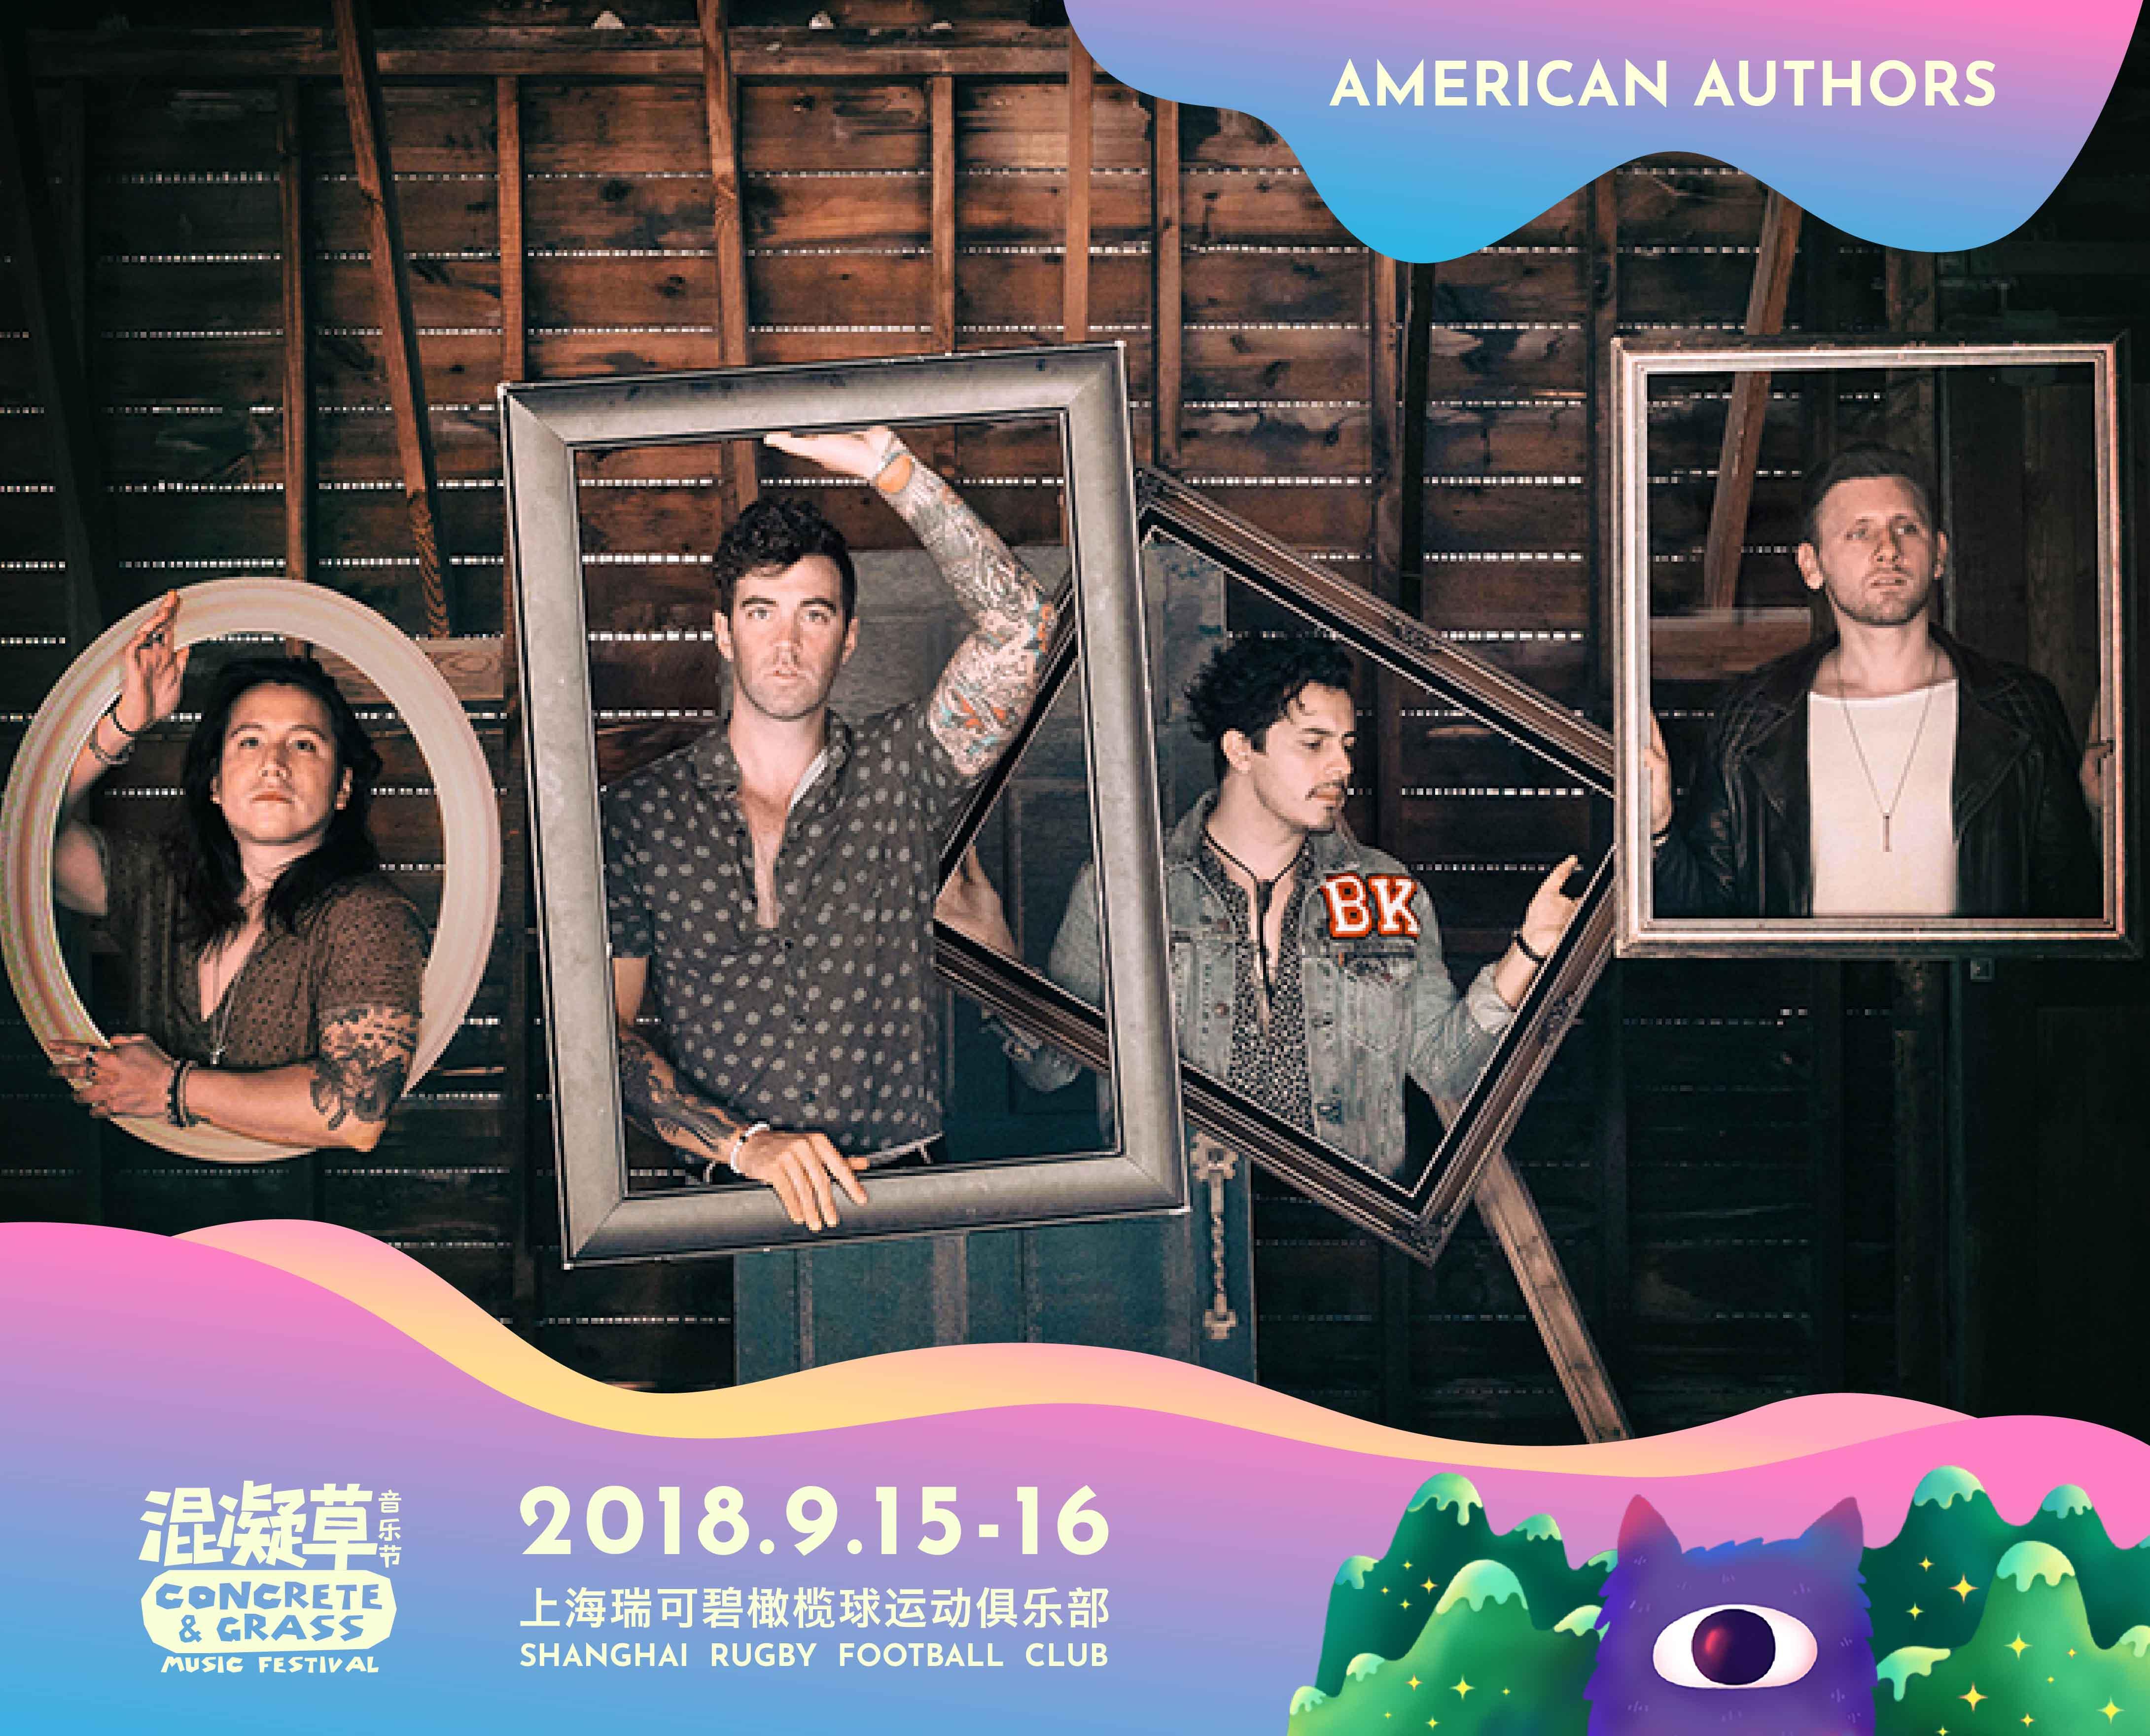 americanauthors